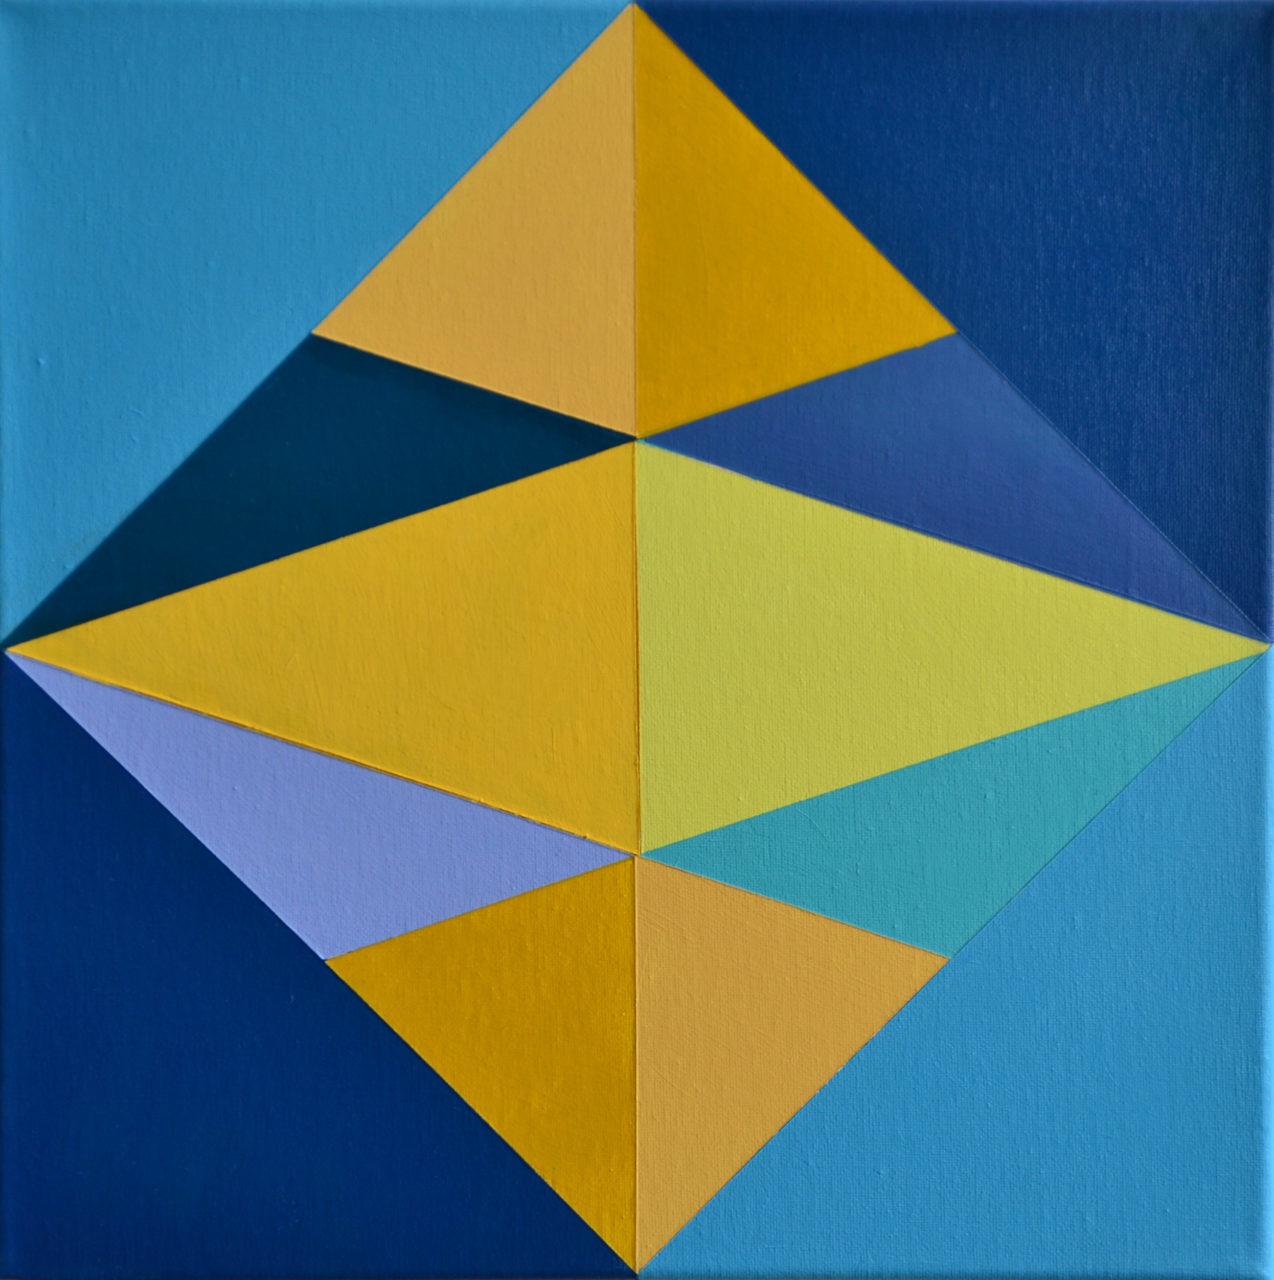 Blue Star Cubes #1 1